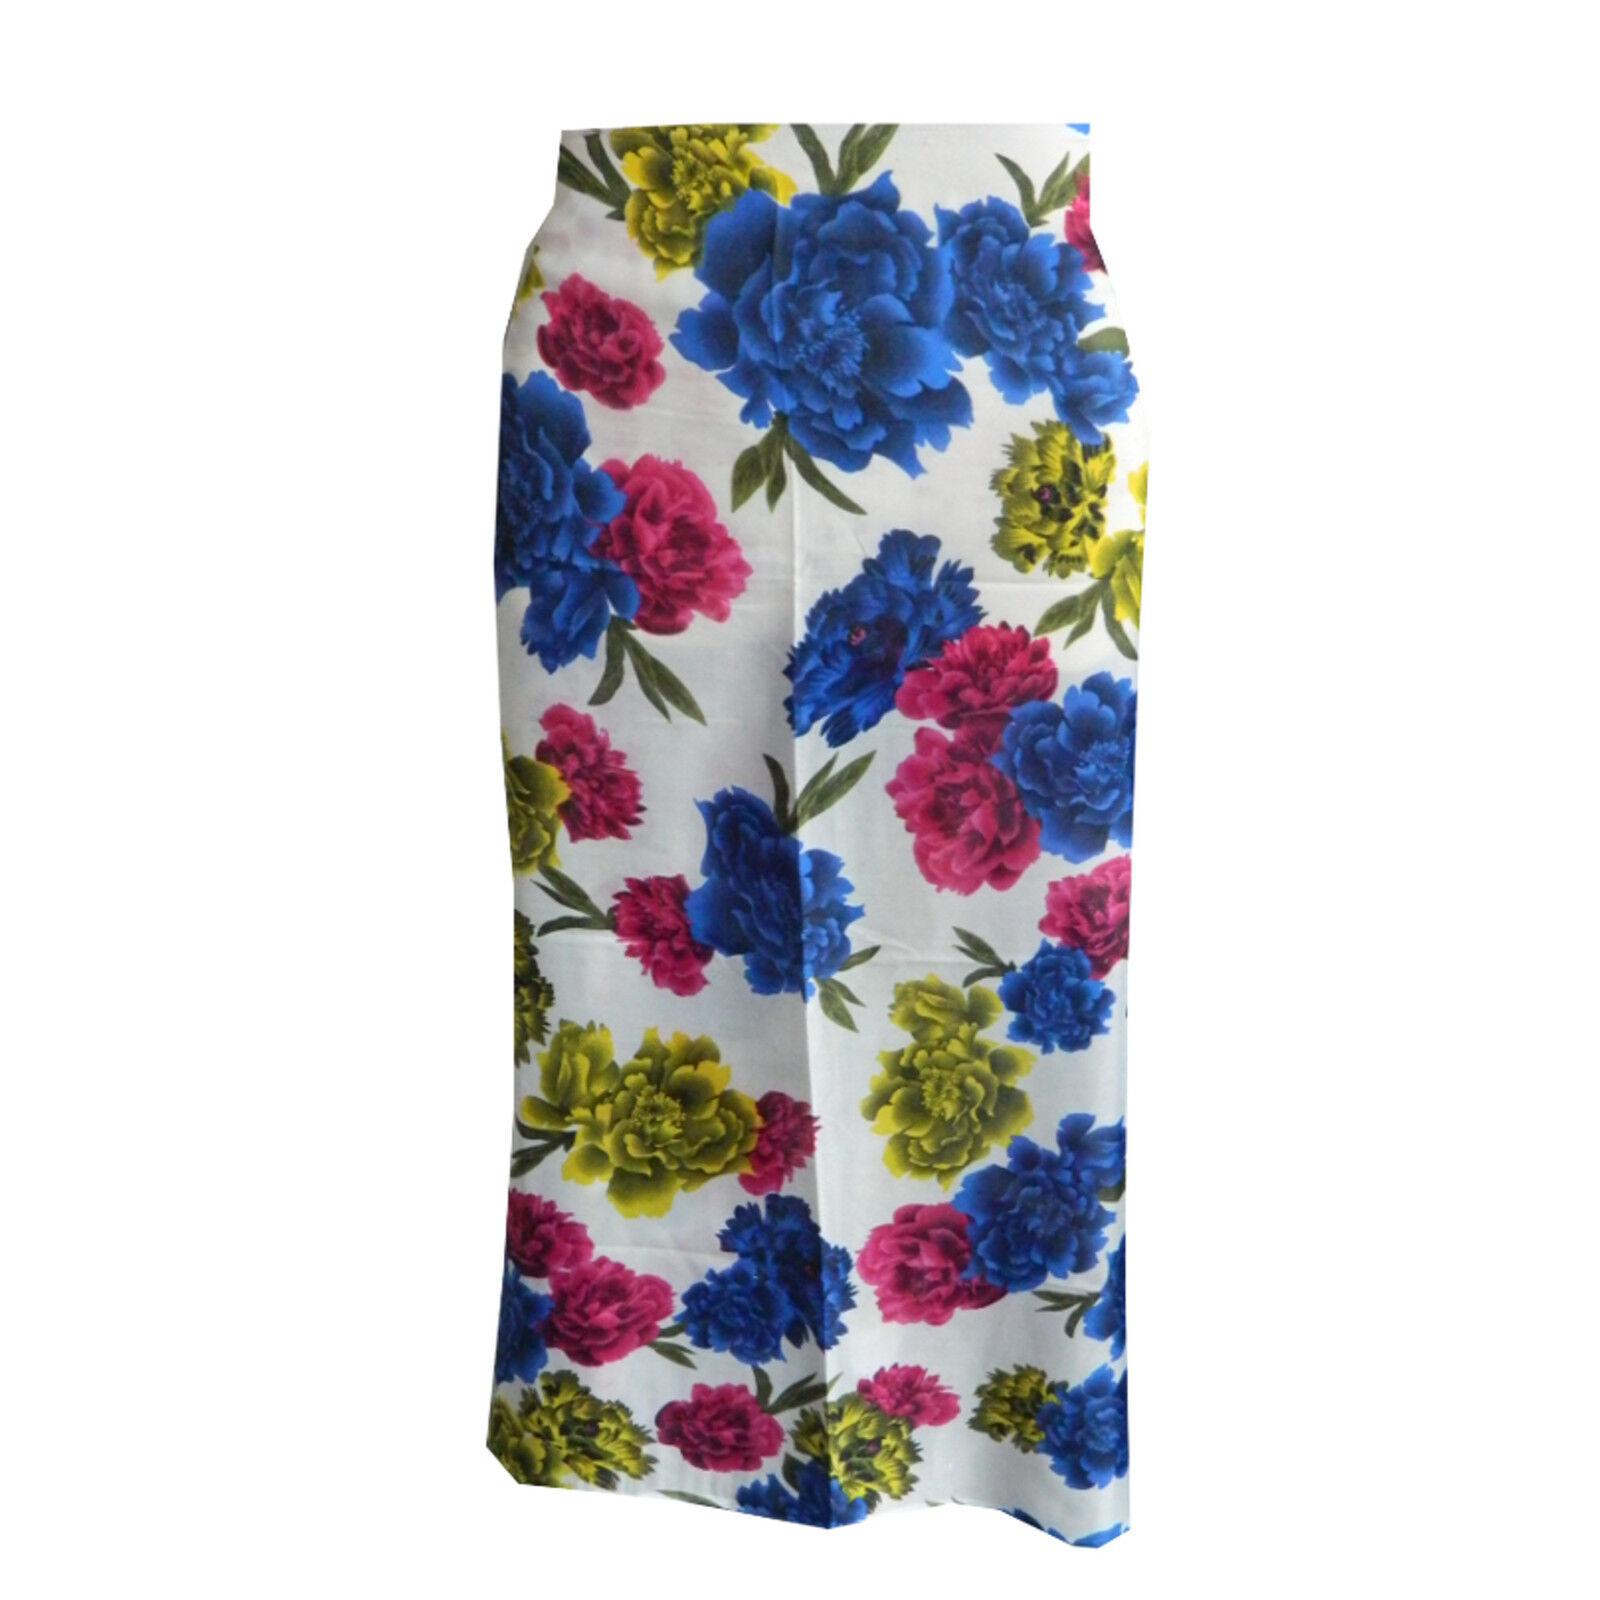 Pareo Blume 170x100 cm blau pink gelb Sarong Polyester Strandtuch Wickelkleid